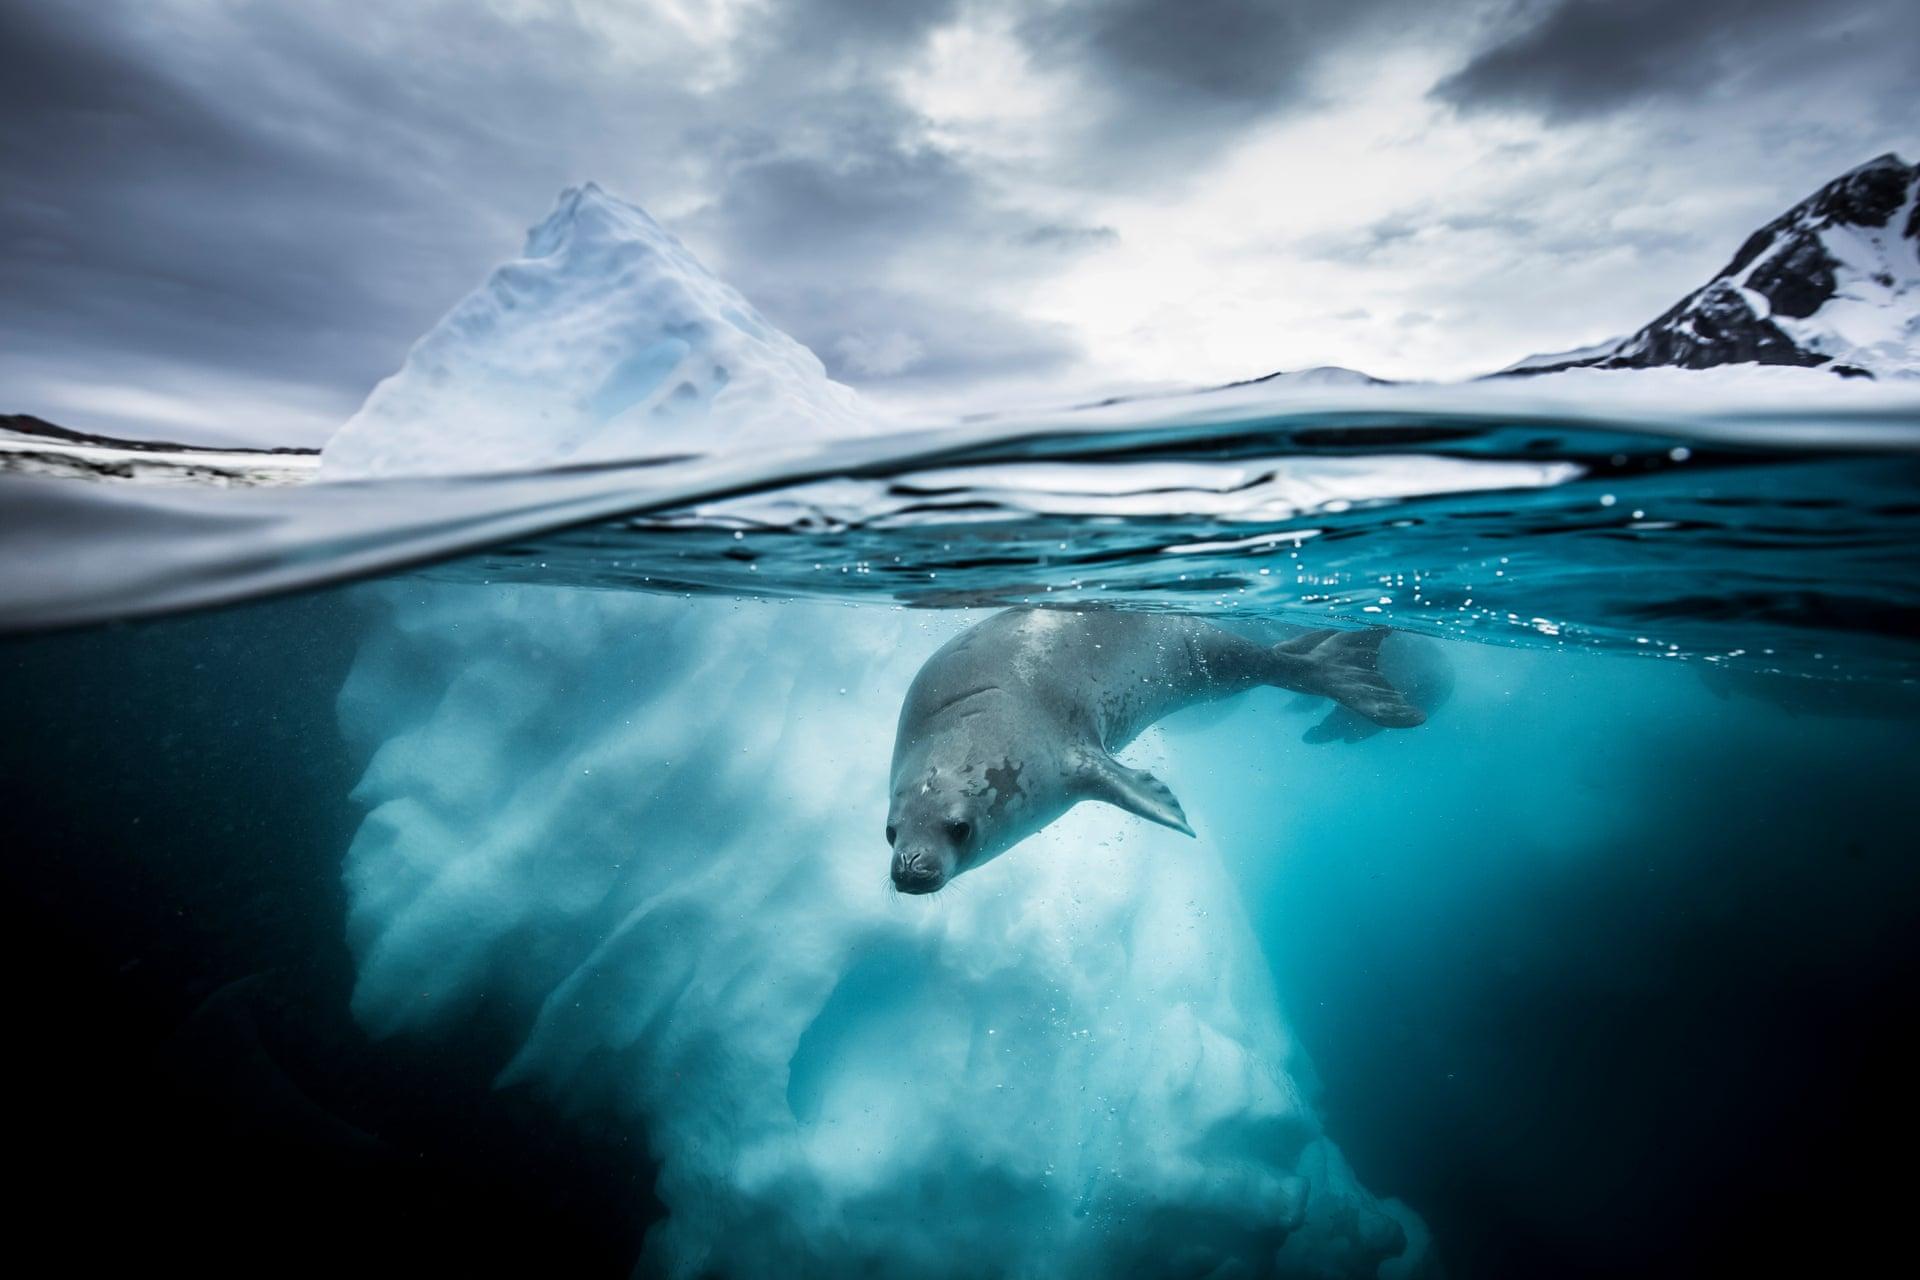 Η περιέργεια της φώκιας: Δεύτερο βραβείο στην κατηγορία «Ευρυγώνιος φακός». «Ως βιολόγος στην Ανταρκτική, παρατηρώ τις φώκιες από το 2009. Μία μέρα με έναν υπέροχο ουρανό, οκτώ φώκιες πέρασαν μία ώρα βουτώντας και παίζοντας δίπλα μας. Ηταν από τις πιο αξέχαστες εμπειρίες μου με αυτά τα πλάσματα».